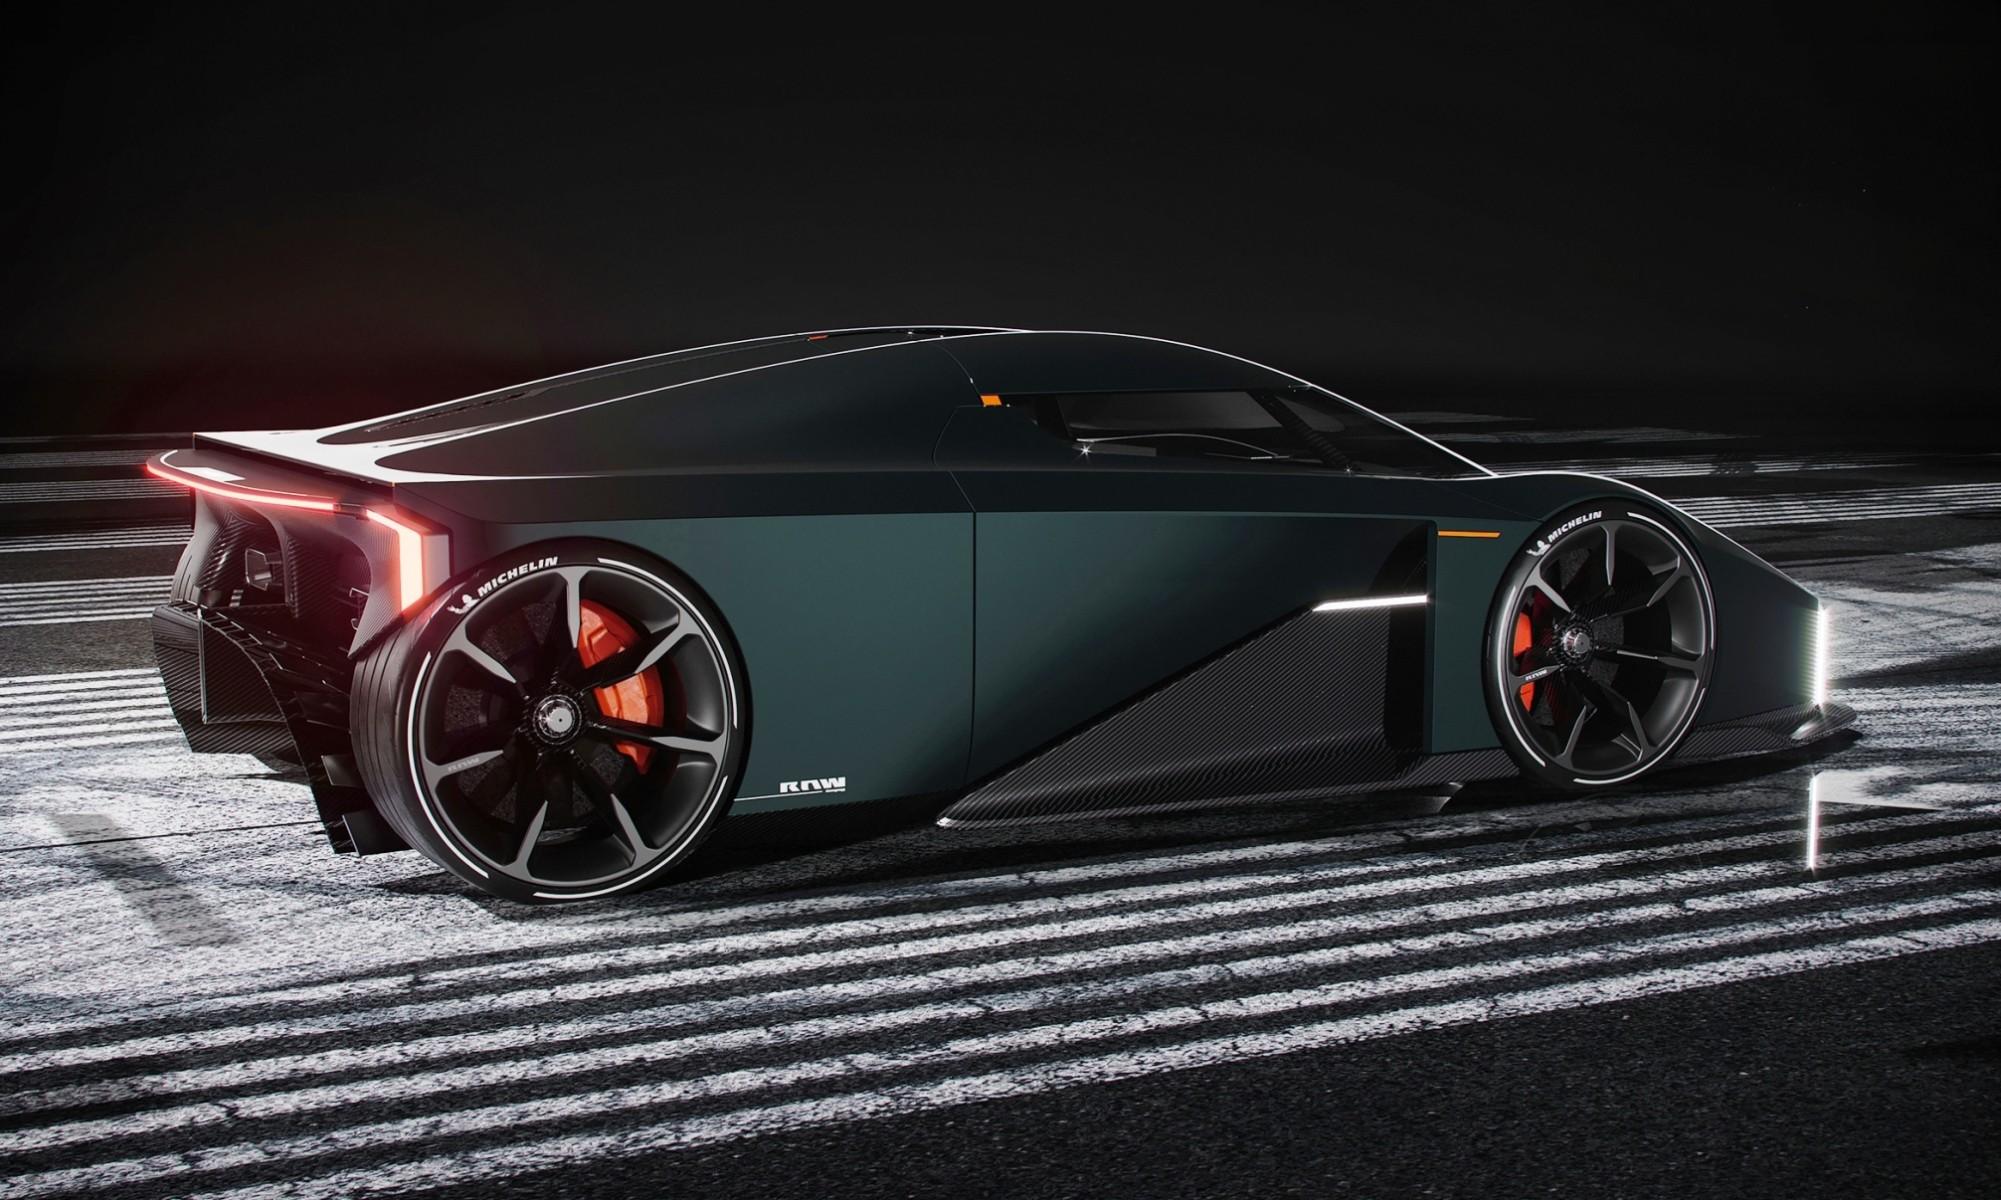 Raw by Koenigsegg rear